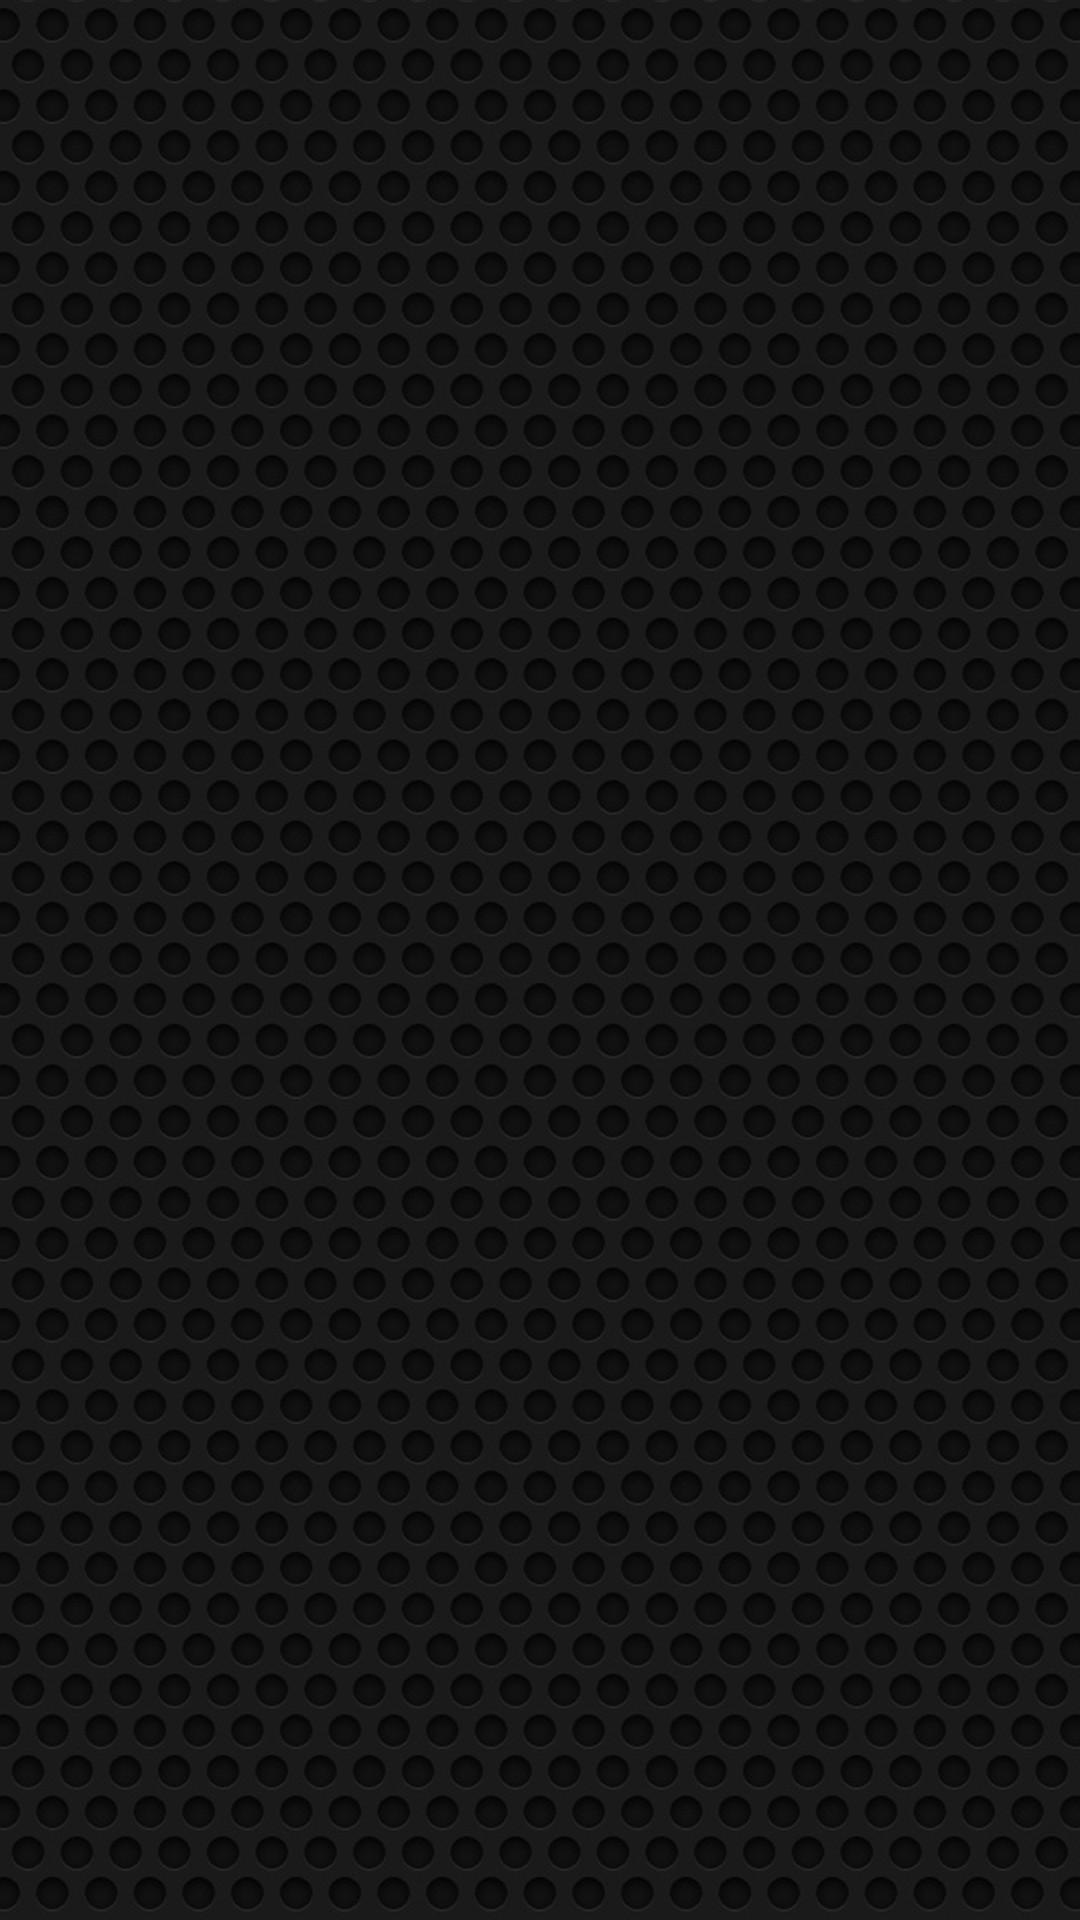 Black Metal Backgrounds 51 Images